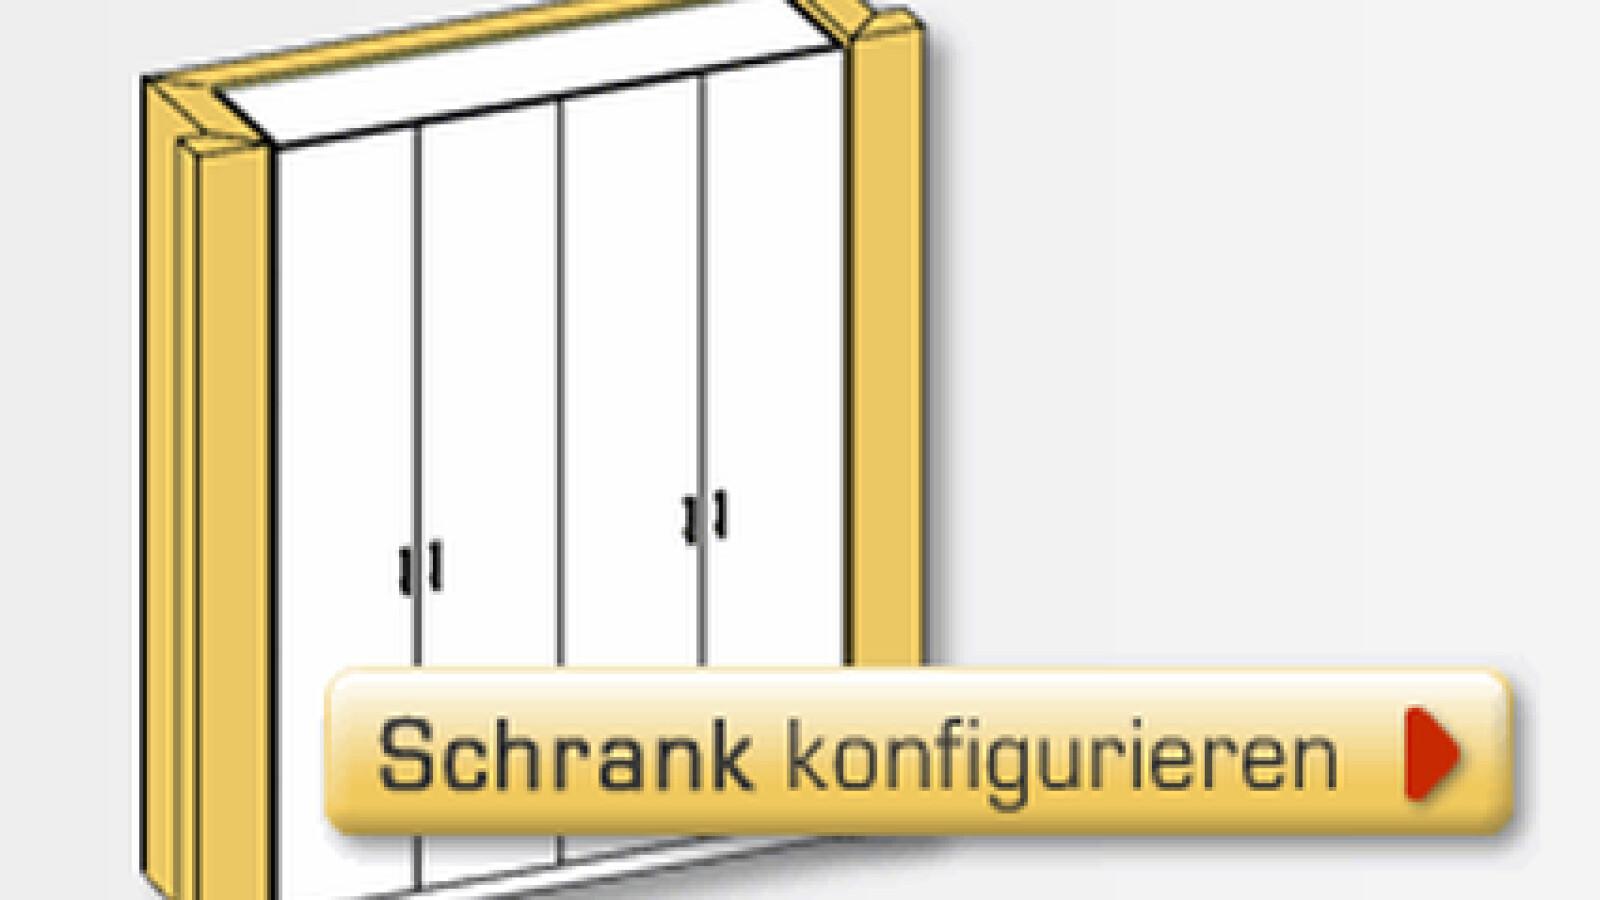 Inspiring Deinschrank De Lieferzeit Reference Of & Netzwelt: Schrank-werk.de: Schnell Zum Persönlichen Möbelstück